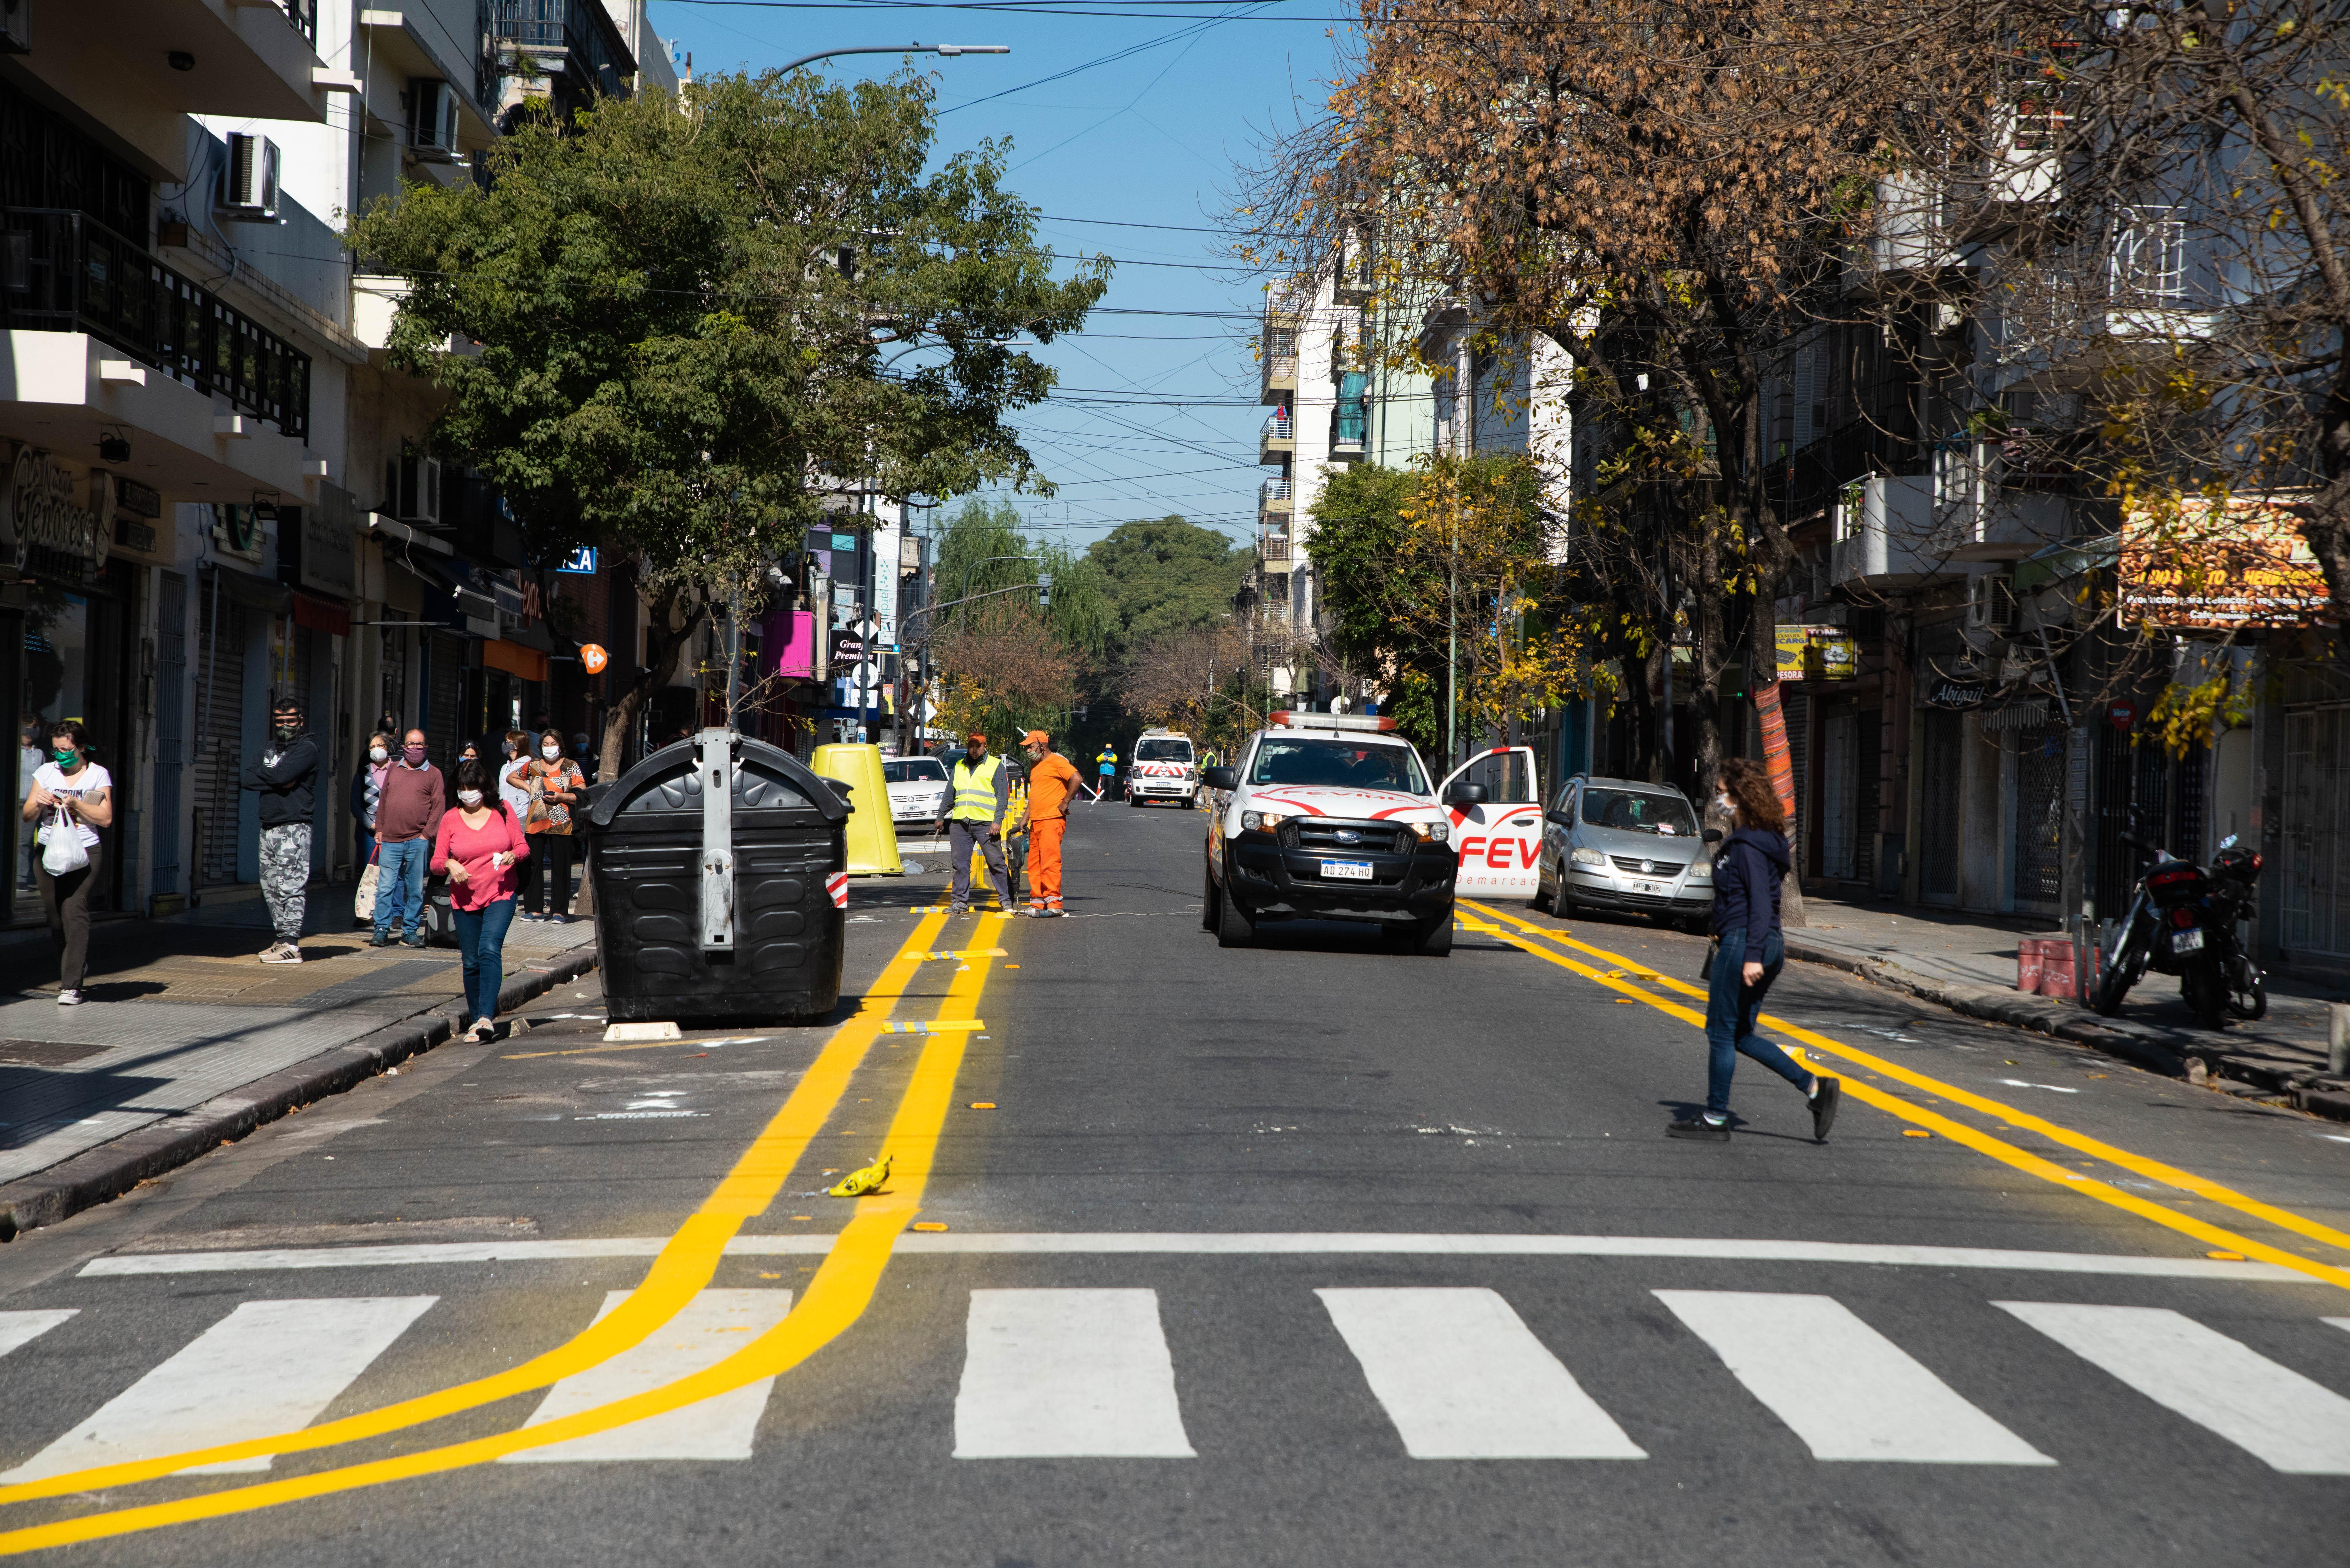 El Gobierno porteño anunció que más de 100 espacios de la ciudad se volverán peatonales a través de demarcaciones